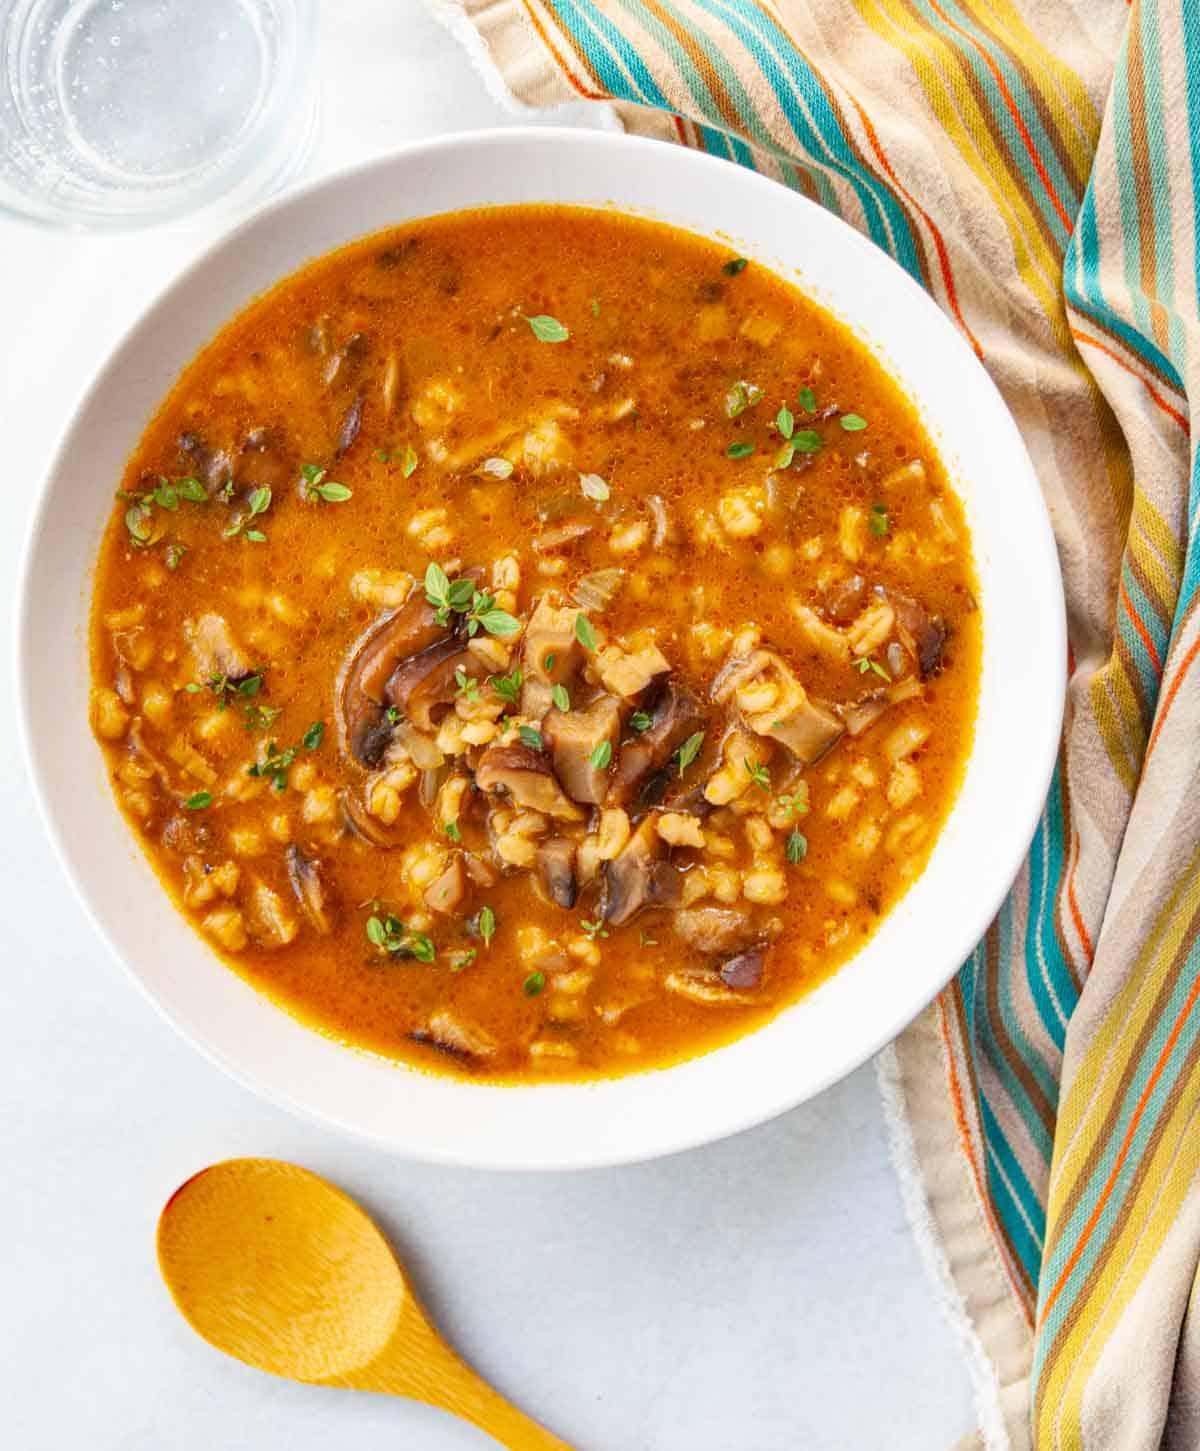 bowl of mushroom and pearl barley soup